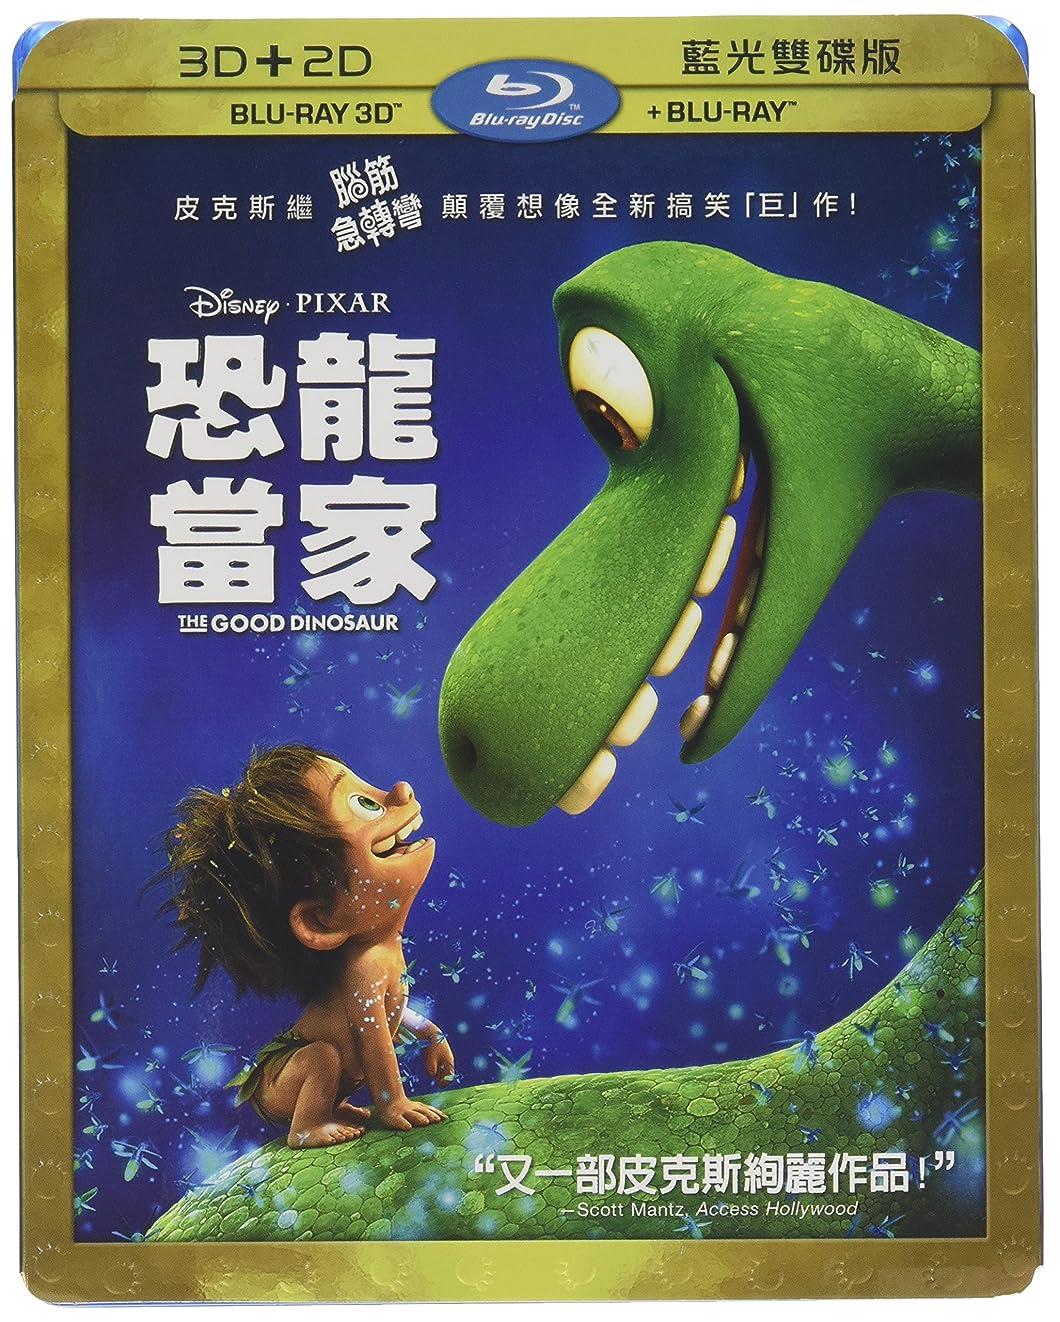 器用私たち自身ポルノ恐龍當家 (2015) (Blu-ray) (2D + 3D) (雙碟限定版) (台湾版)